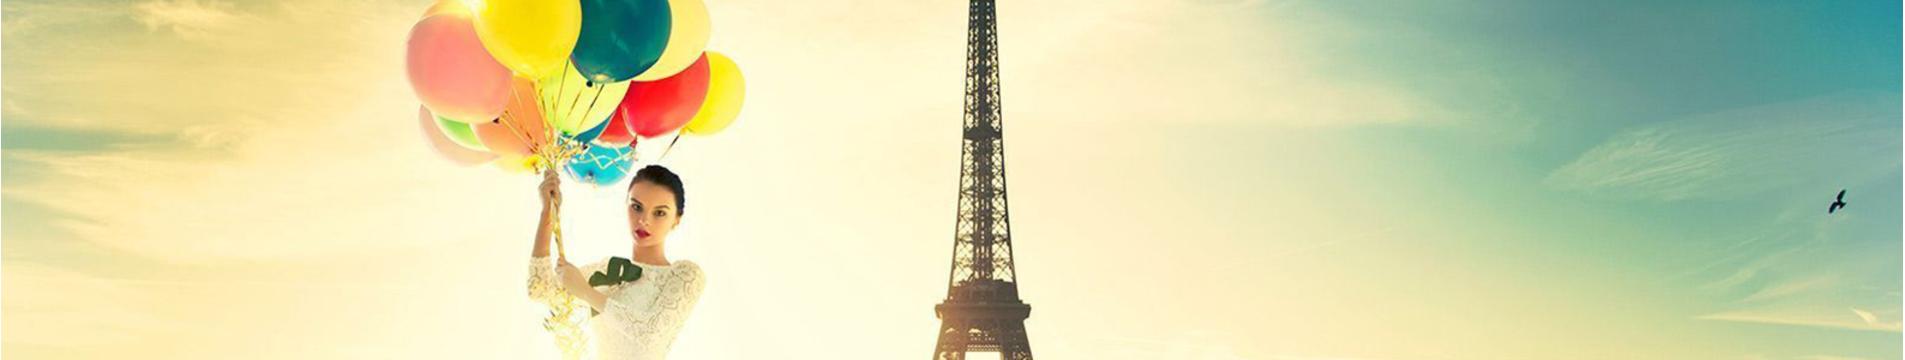 one-night-in-paris.jpg